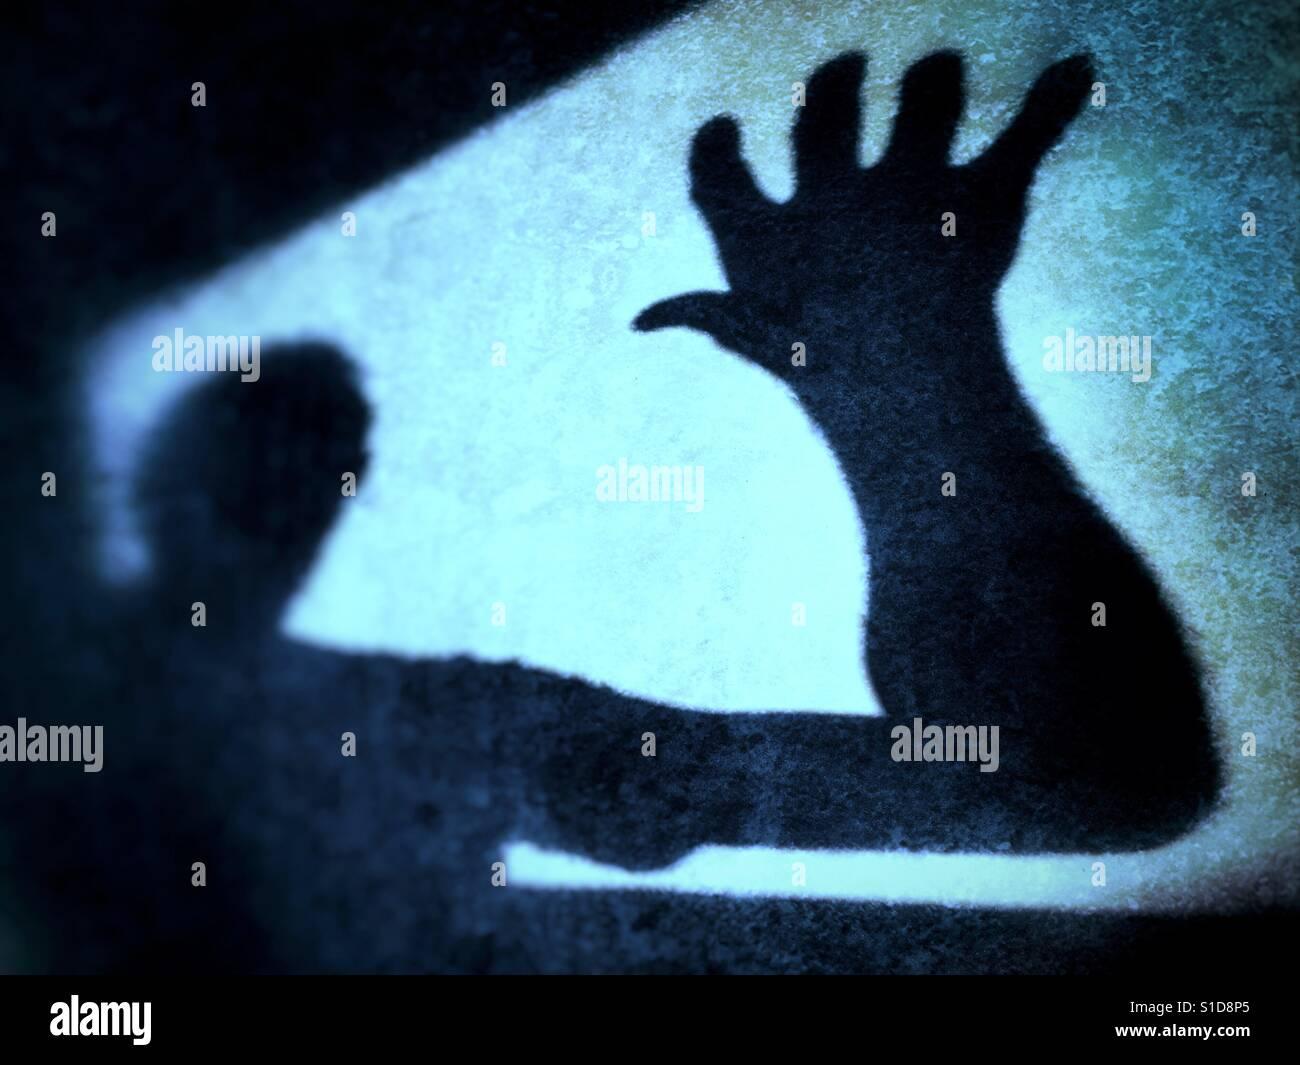 Figura sombreada haciendo un grab. Imagen conceptual del miedo a lo desconocido Imagen De Stock